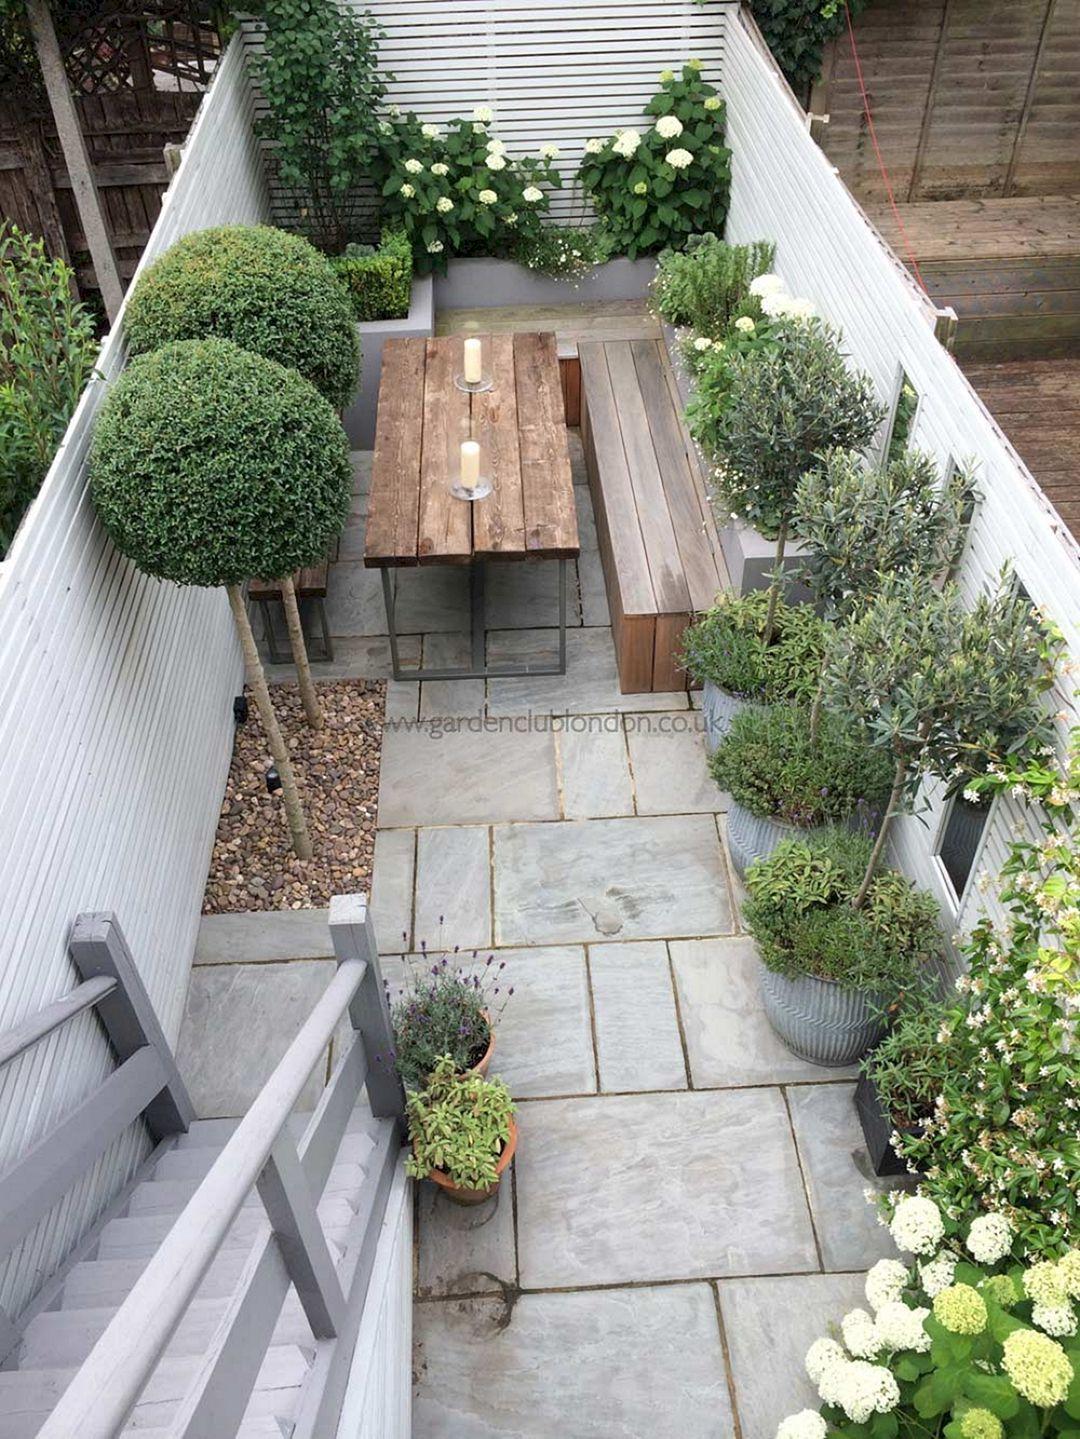 Kleine ideen für die außenküche  best diy small patio ideas on a budget  small patio patios and